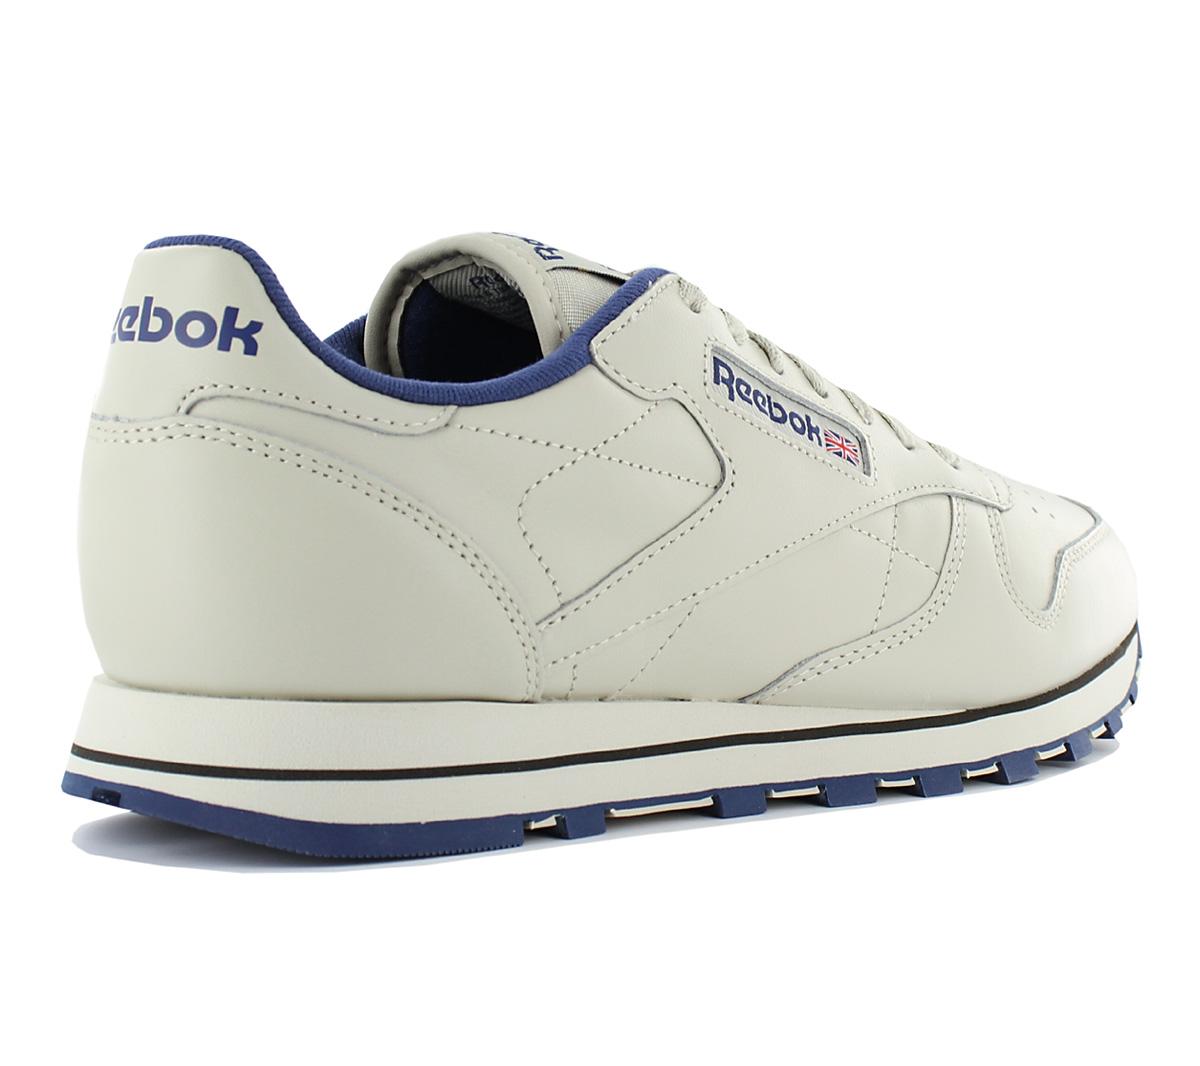 c520fef9f7923d Reebok Classic Leather Men s Sneakers Shoes Ecru-Beige Leather Rbk ...